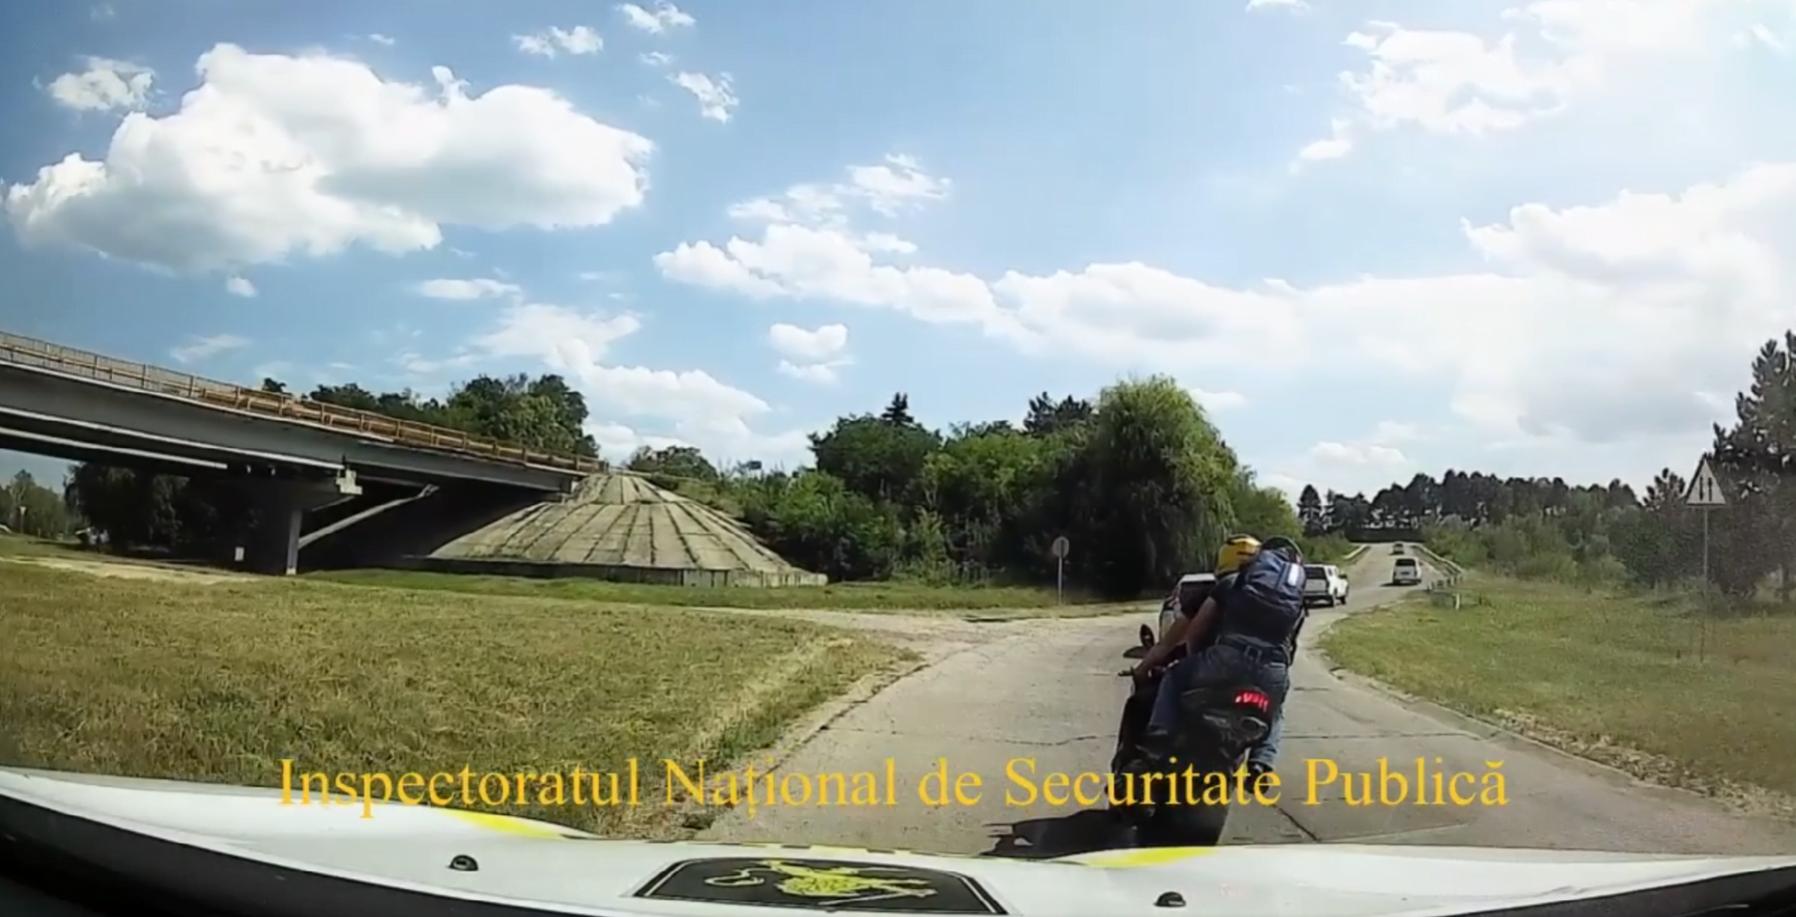 Cu motocicletă adusă din UE pe bucăți și cu o viteză de 220 km/h